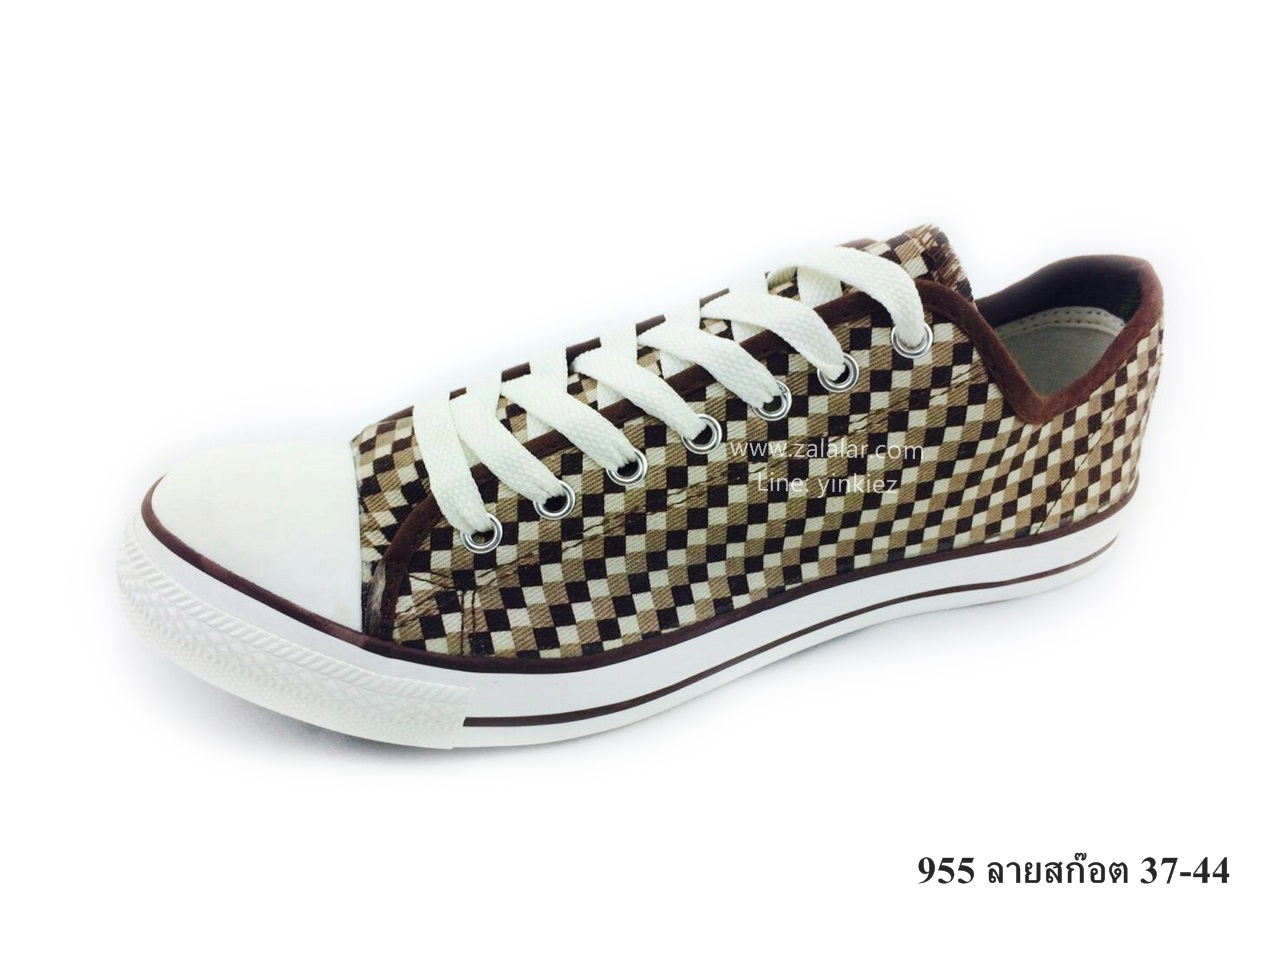 [พร้อมส่ง] รองเท้าผ้าใบแฟชั่น รุ่น 955 ลายสก๊อต